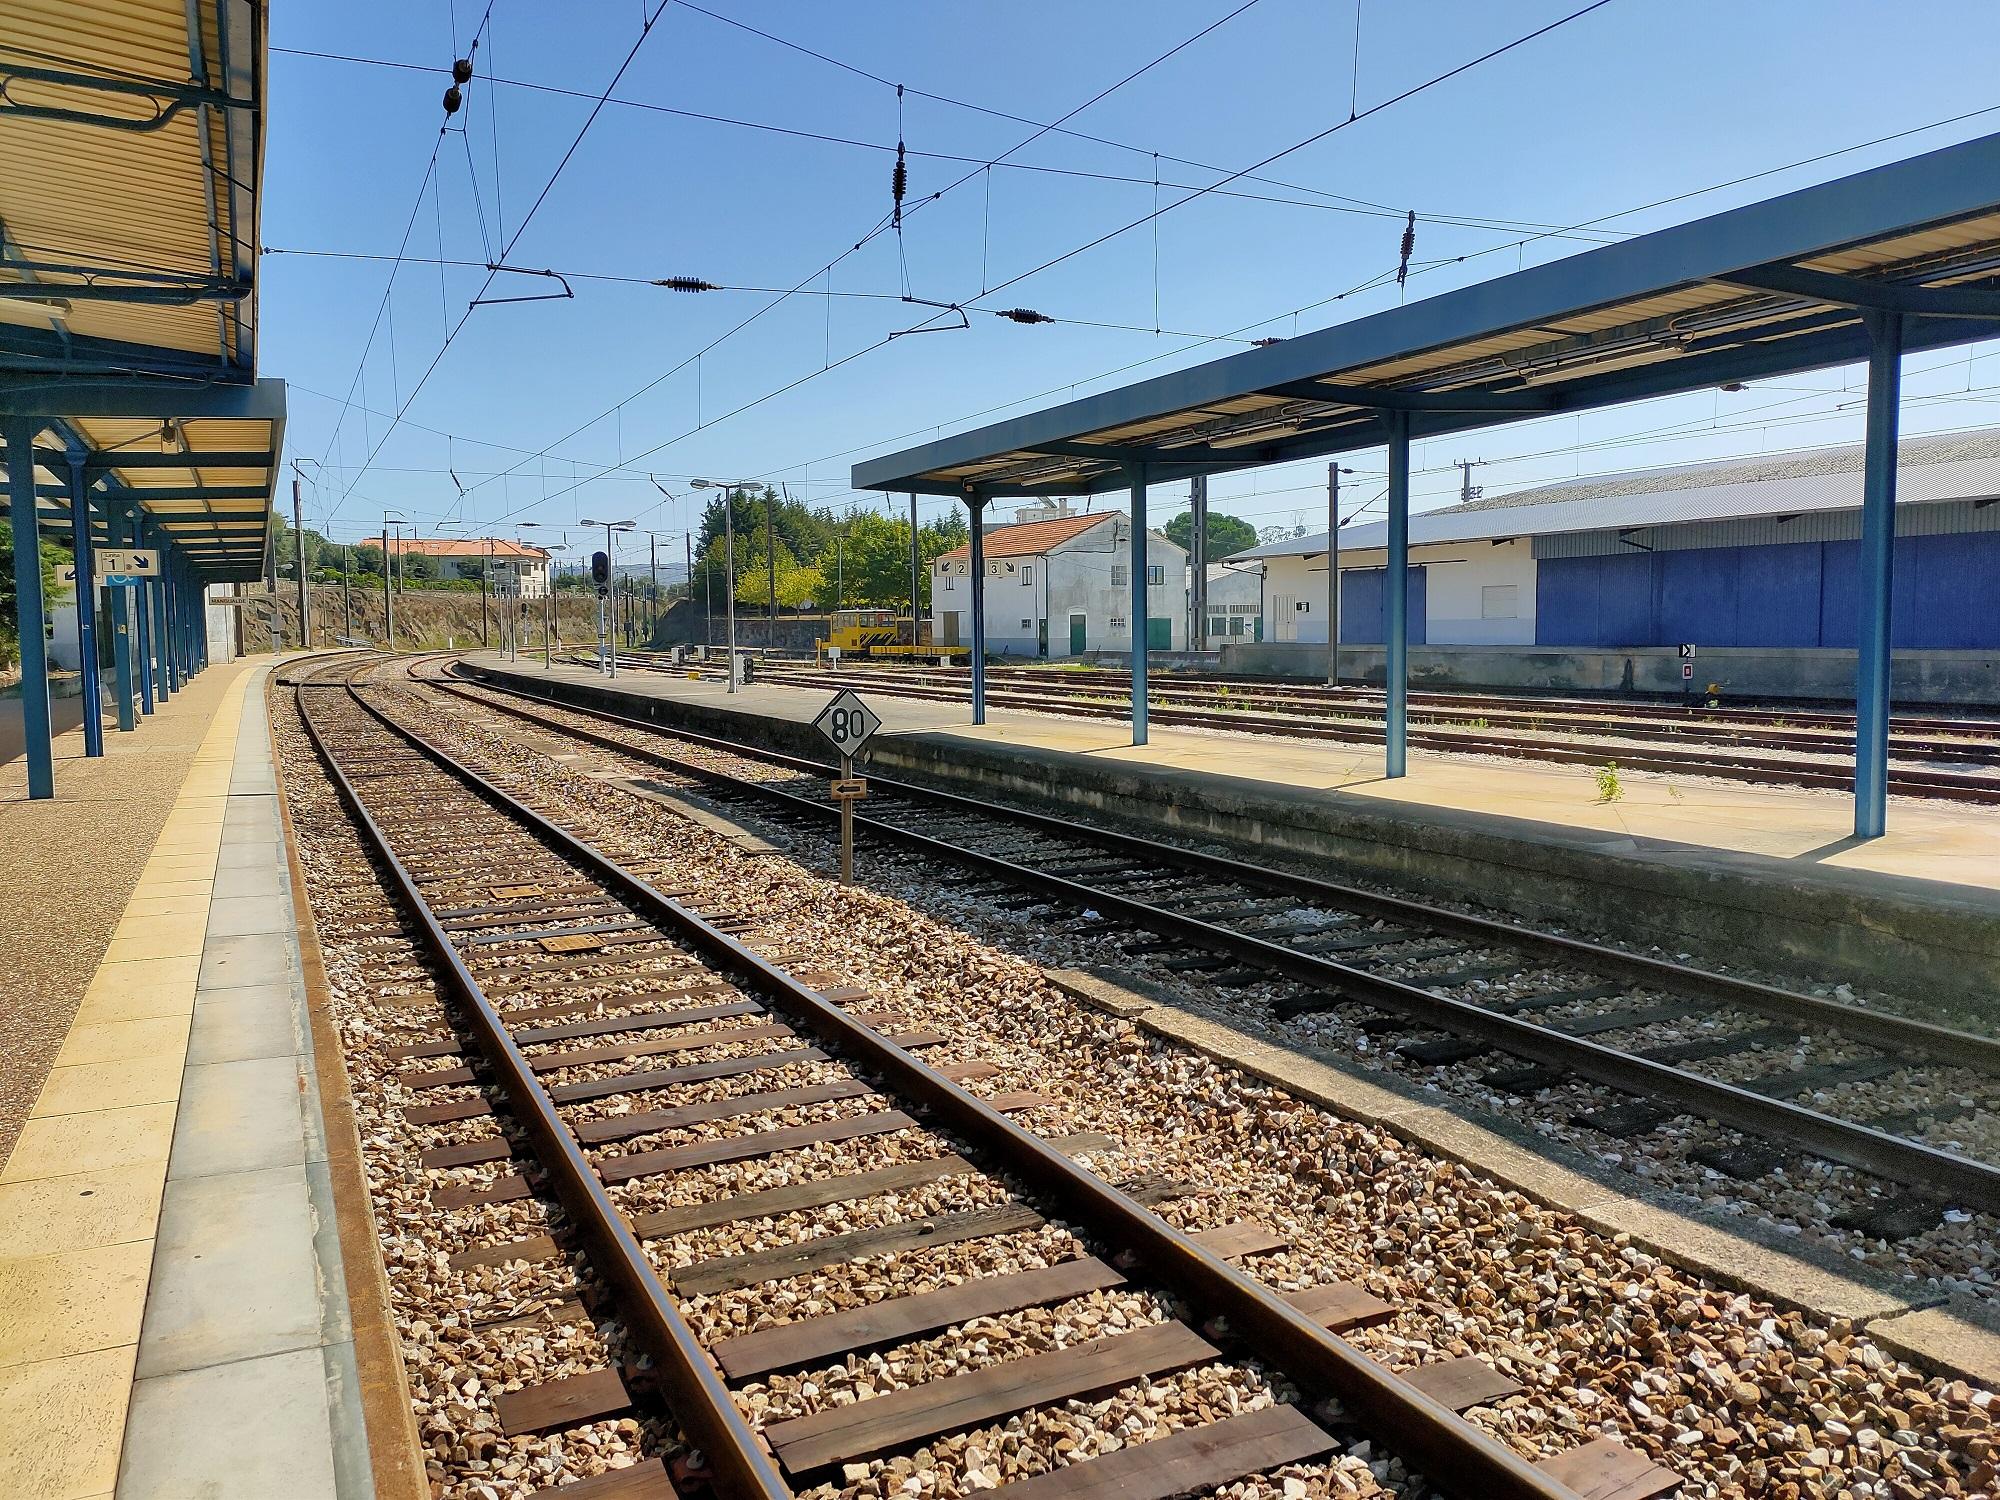 Ferrovia 2020: apenas 3 dos 20 projetos estão concluídos